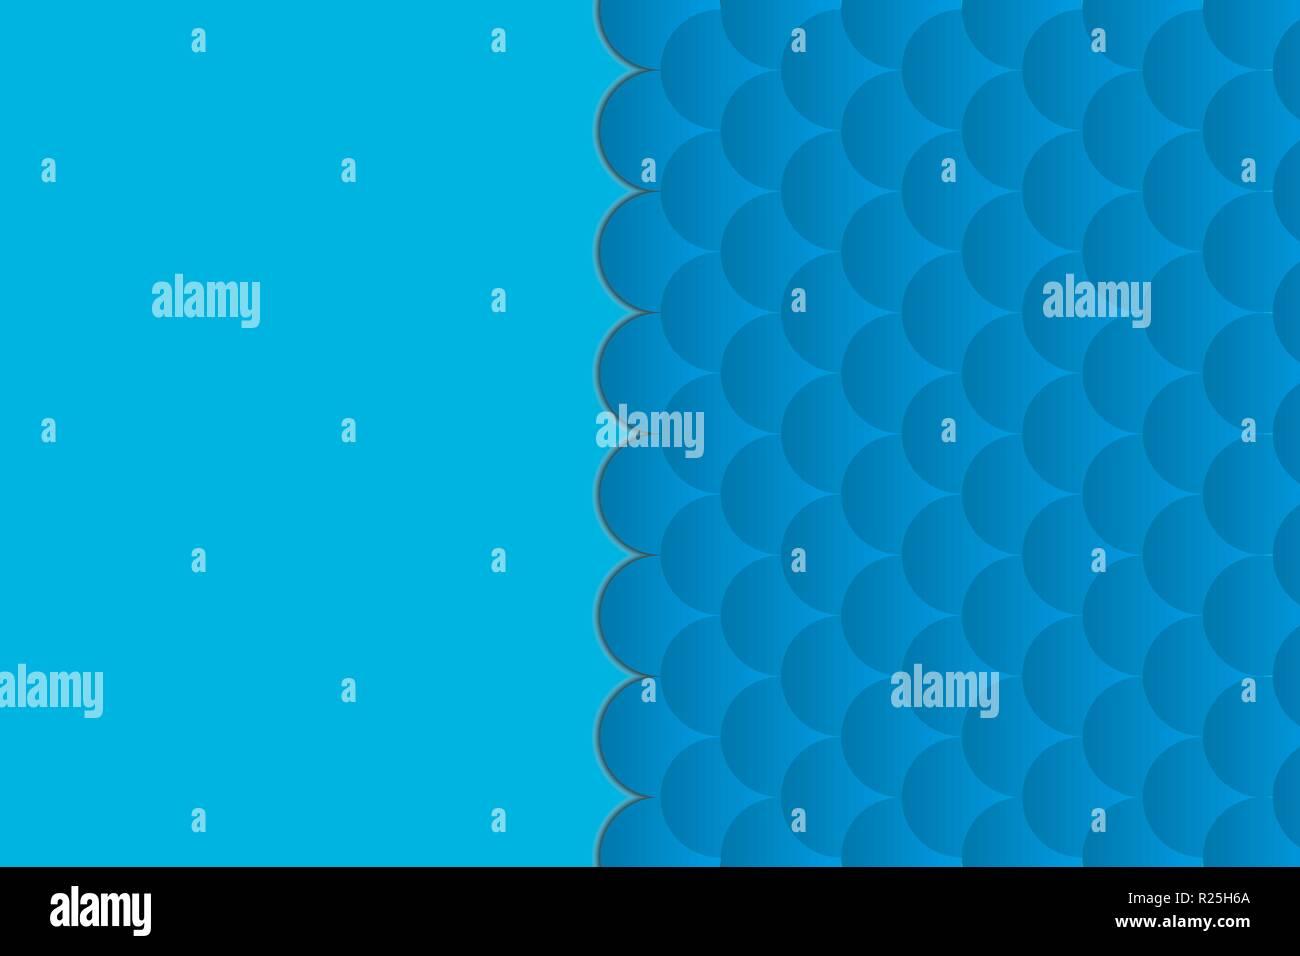 Résumé Contexte géométrique sur le thème de la mer. vagues de bleu motif ou texture lisse. Avec un espace réservé au texte Illustration de Vecteur